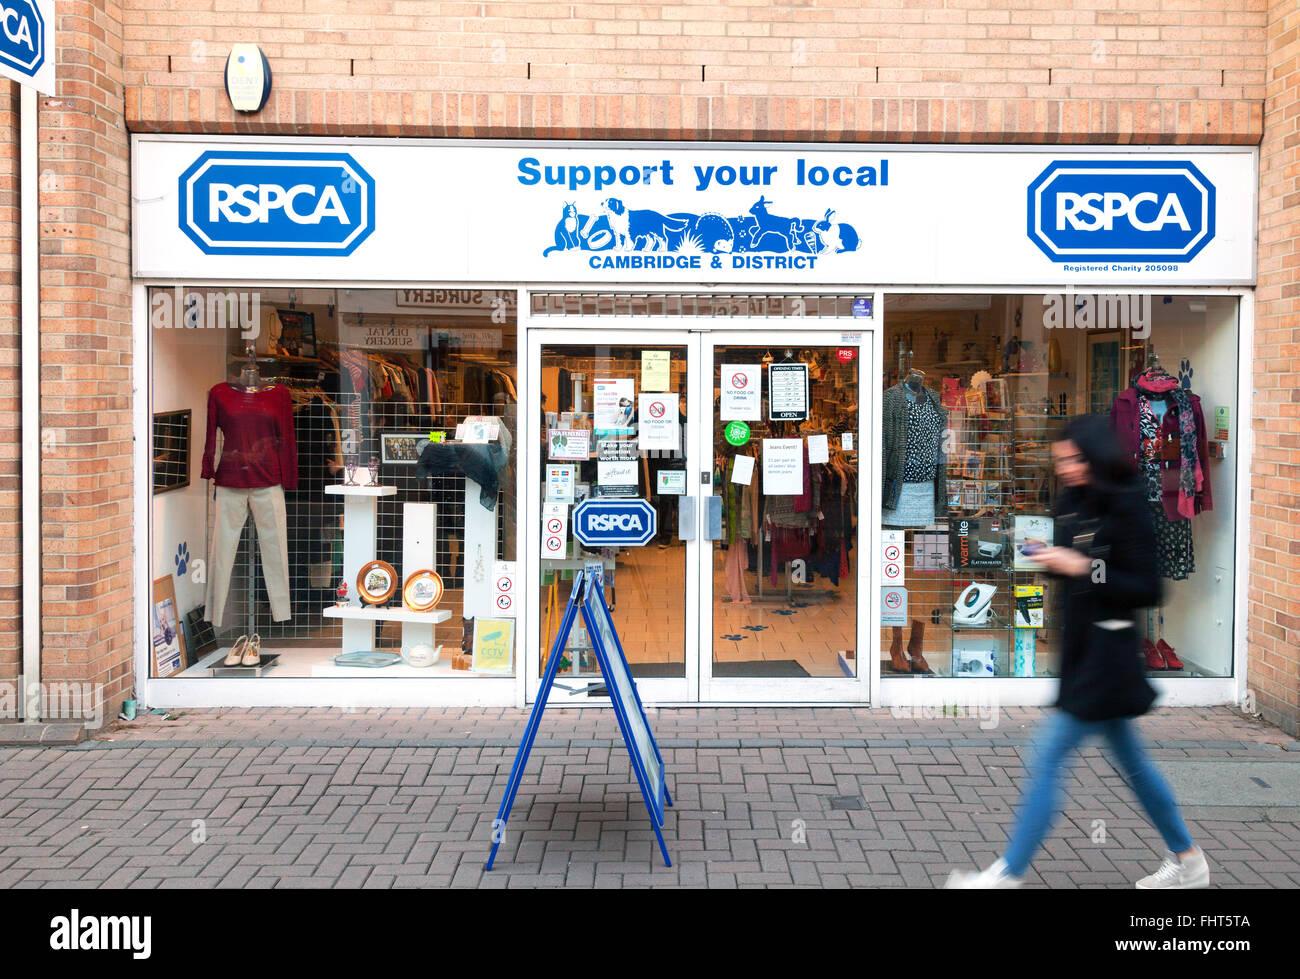 RSPCA Charity shop, Burleigh Street, Cambridge UK - Stock Image